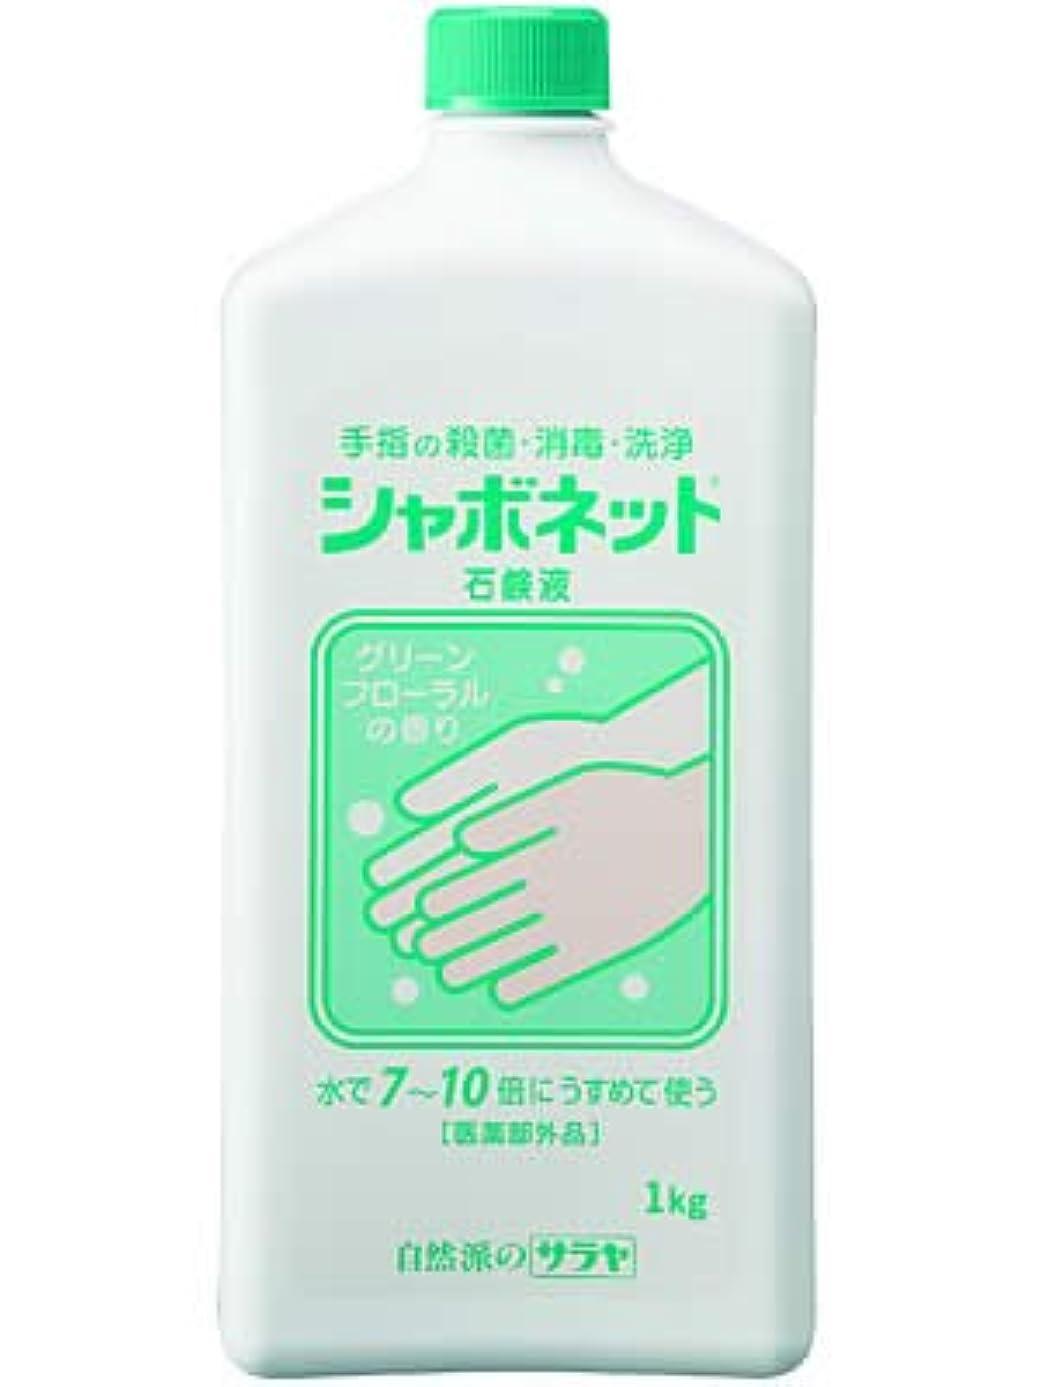 ニックネーム誘発する行列【サラヤ】シャボネット 石鹸液 1kg ×5個セット